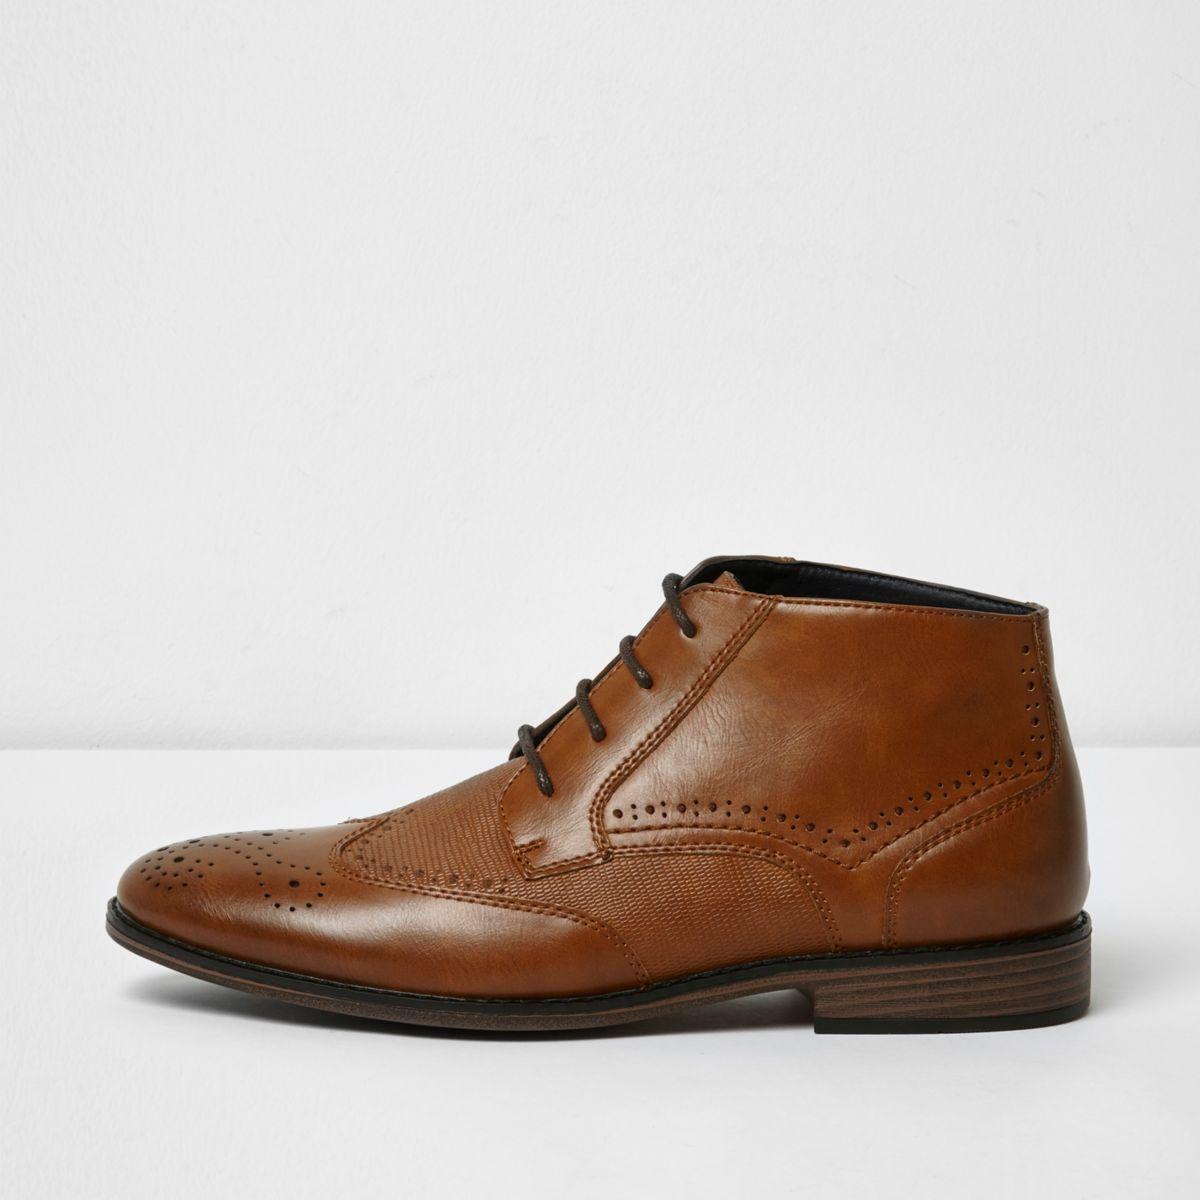 Tan textured brogue boots